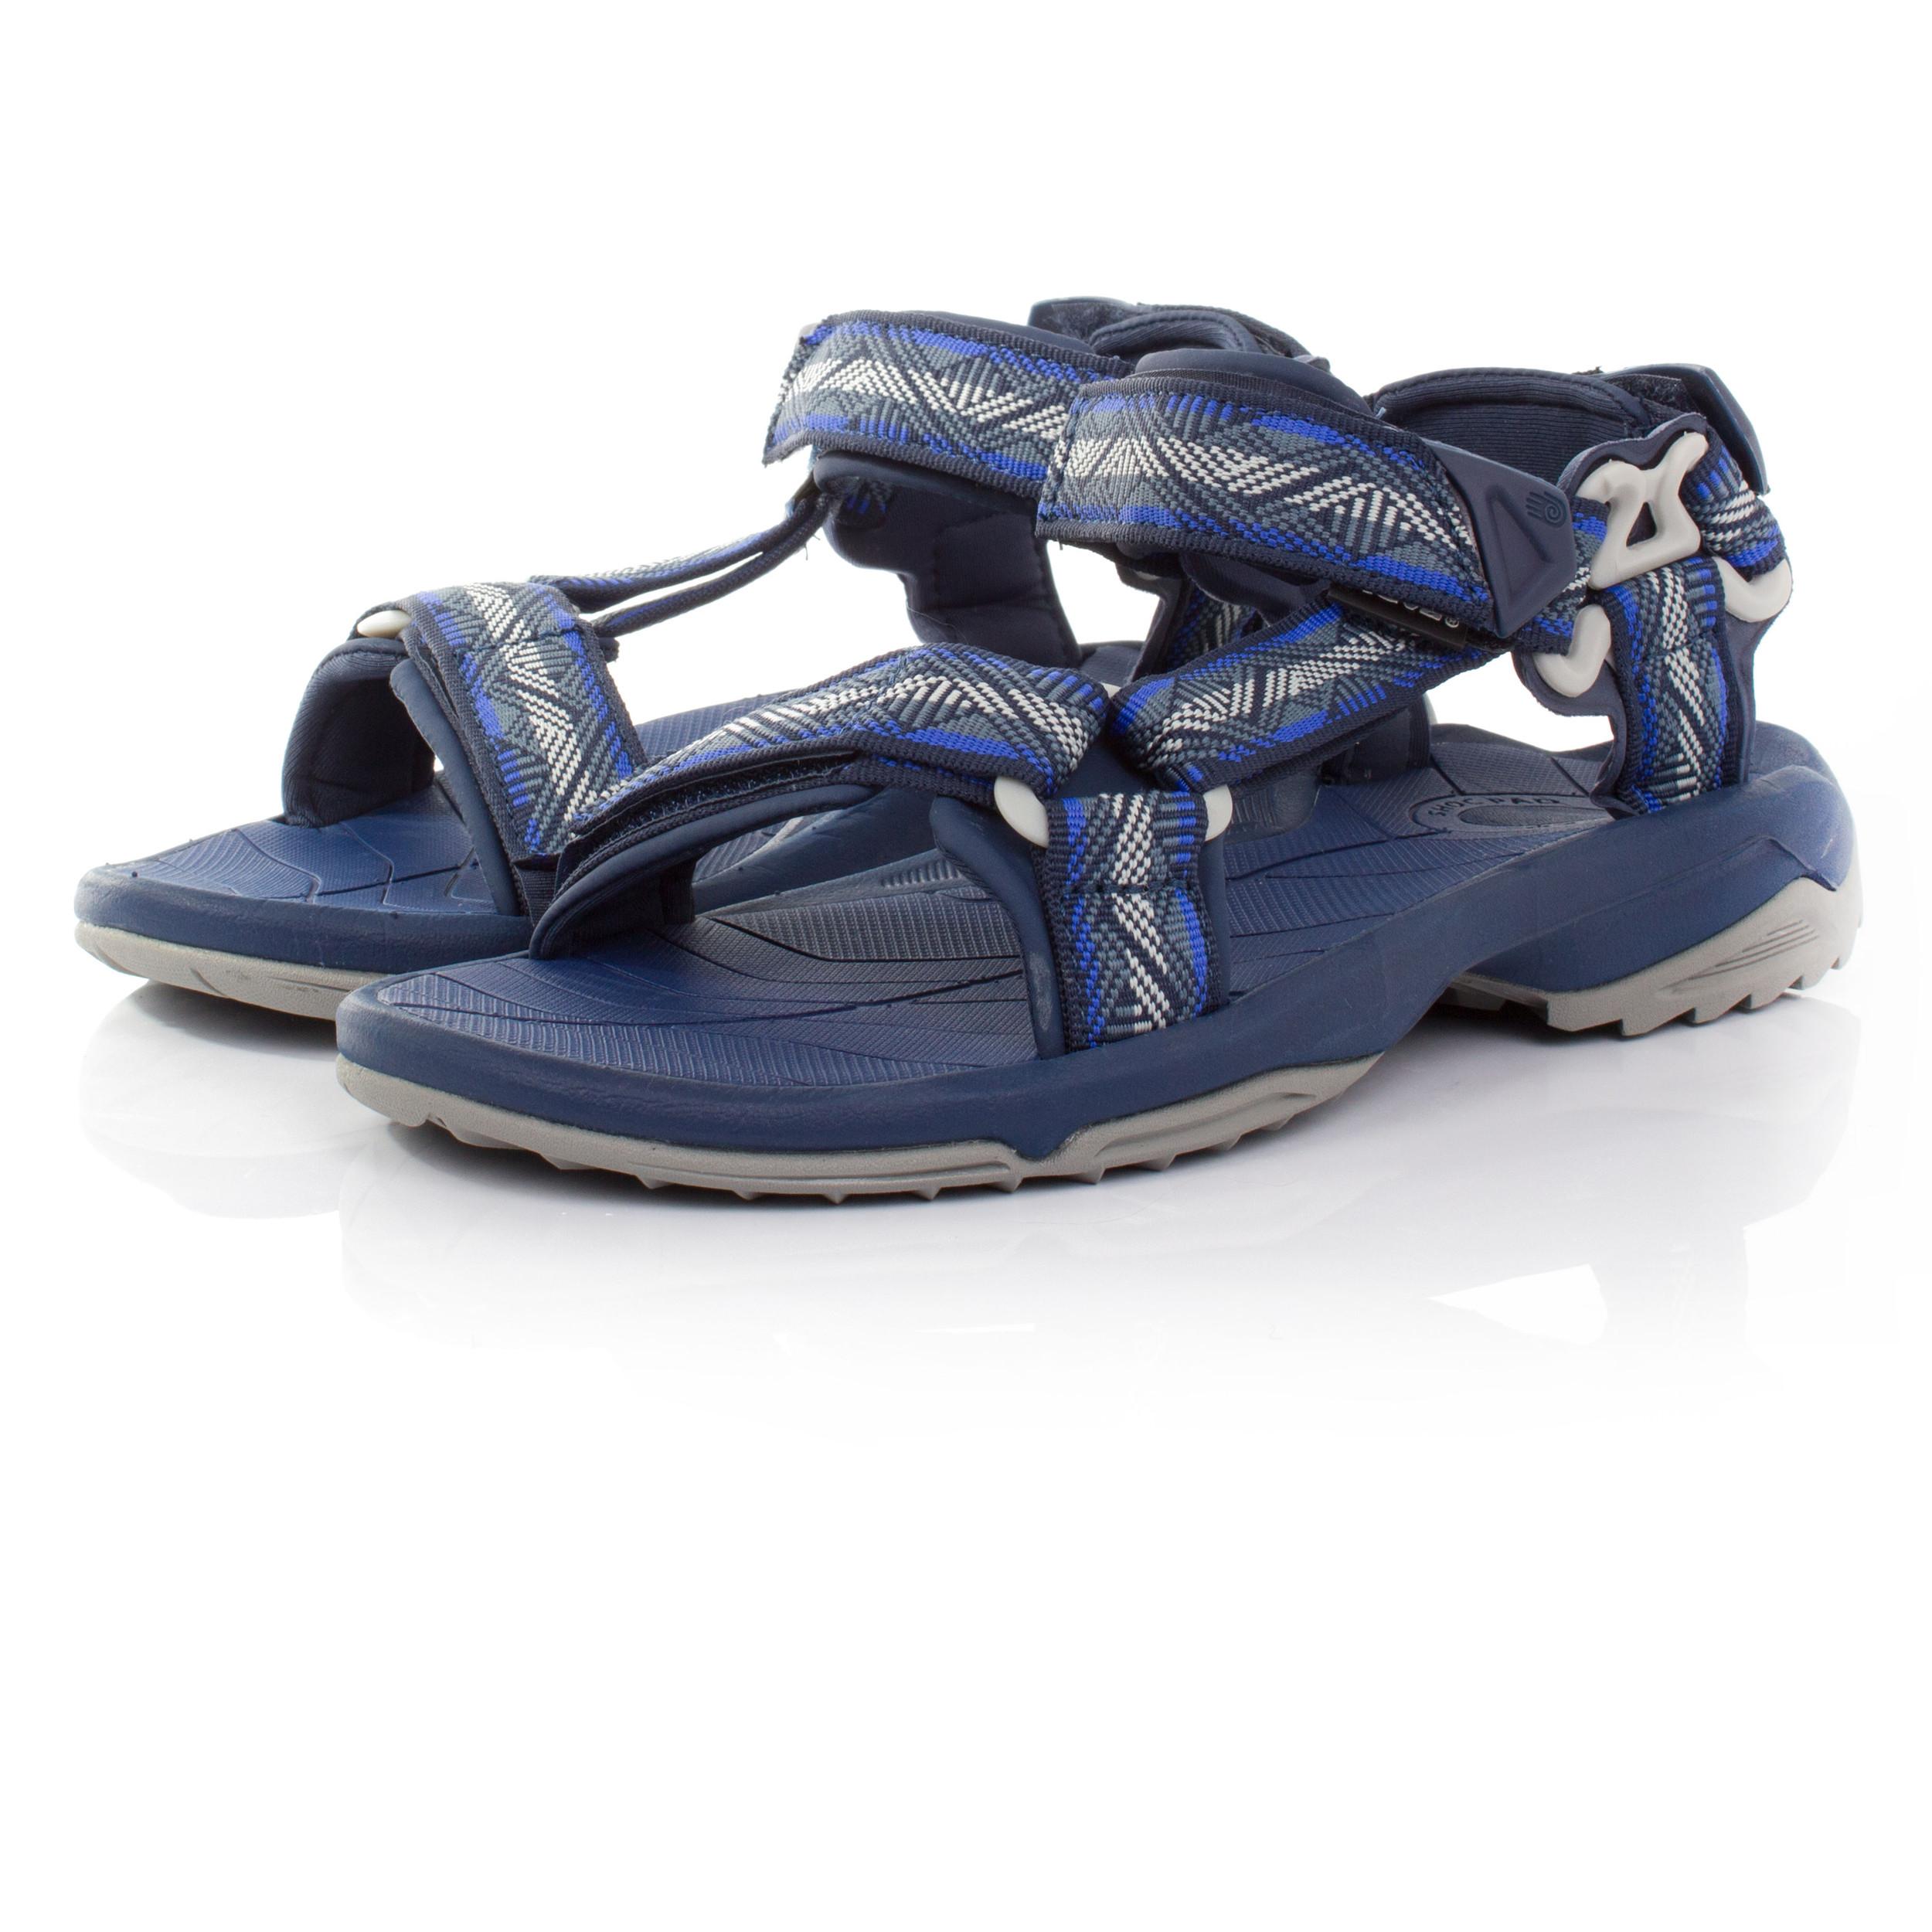 teva terra fi lite damen trekkingsandalen wanderschuhe outdoor sandalen blau ebay. Black Bedroom Furniture Sets. Home Design Ideas